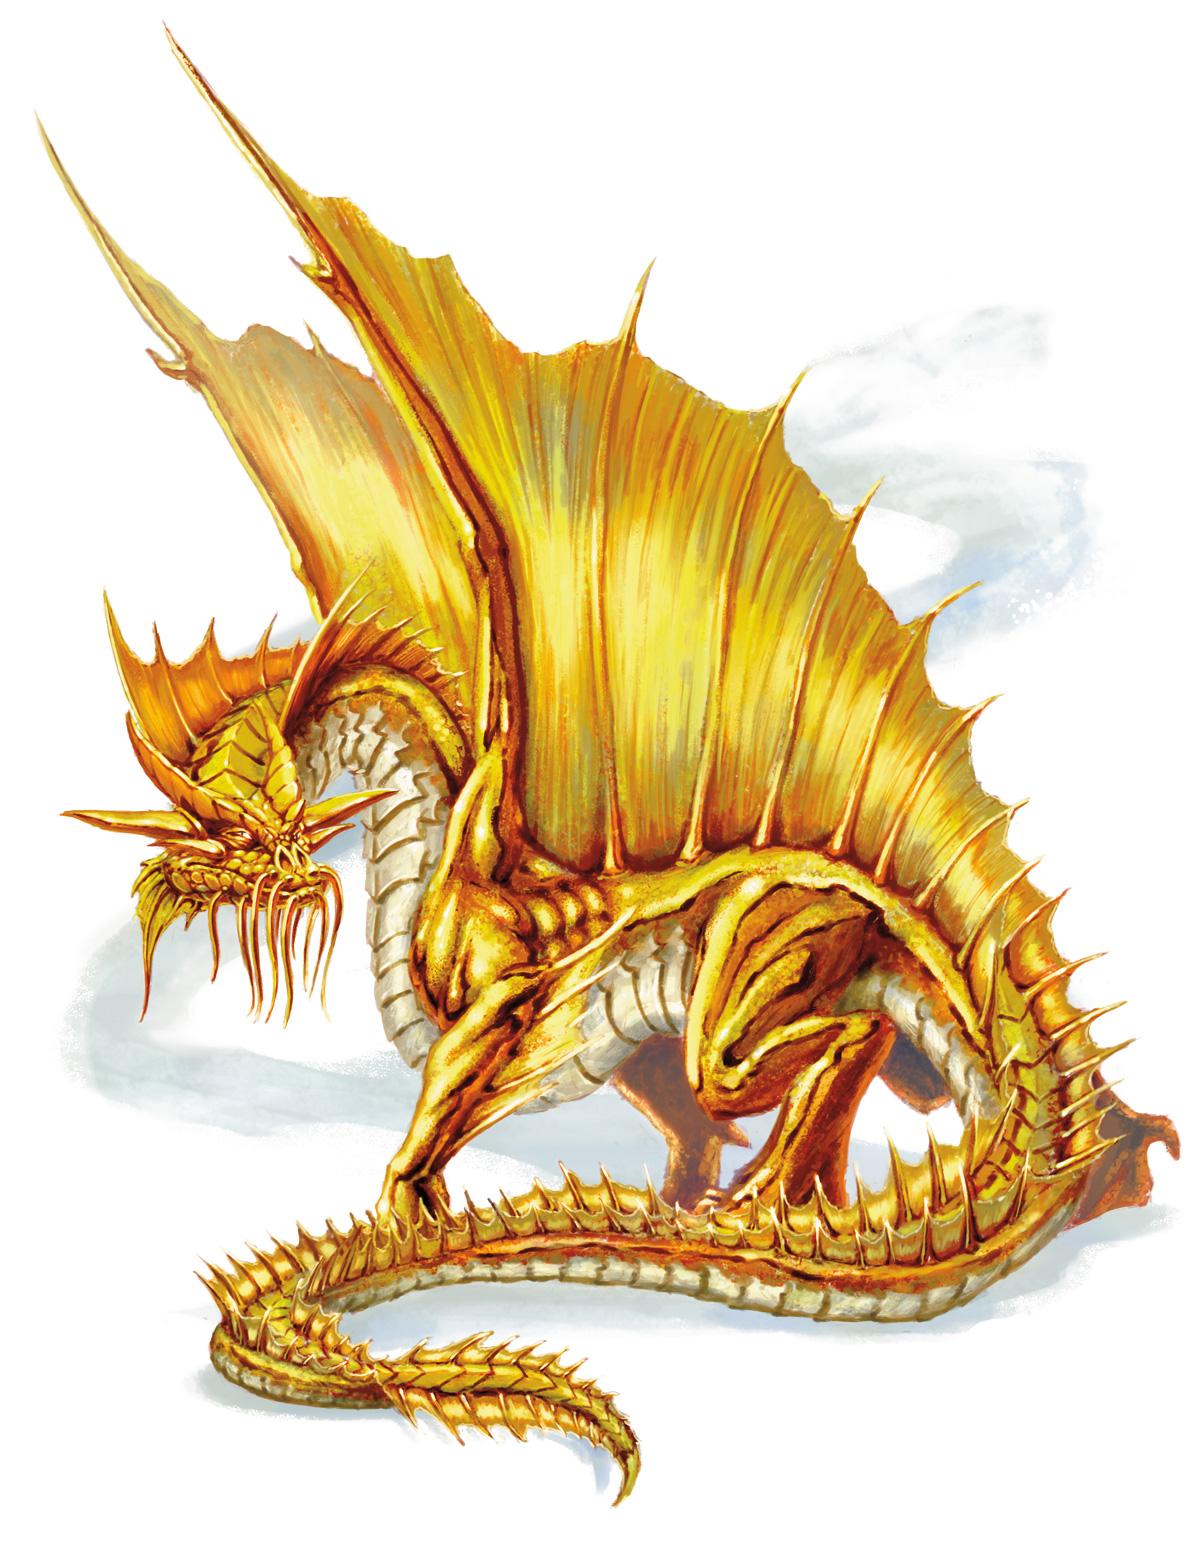 Gold dragon | Forgotten Realms Wiki | FANDOM powered by Wikia